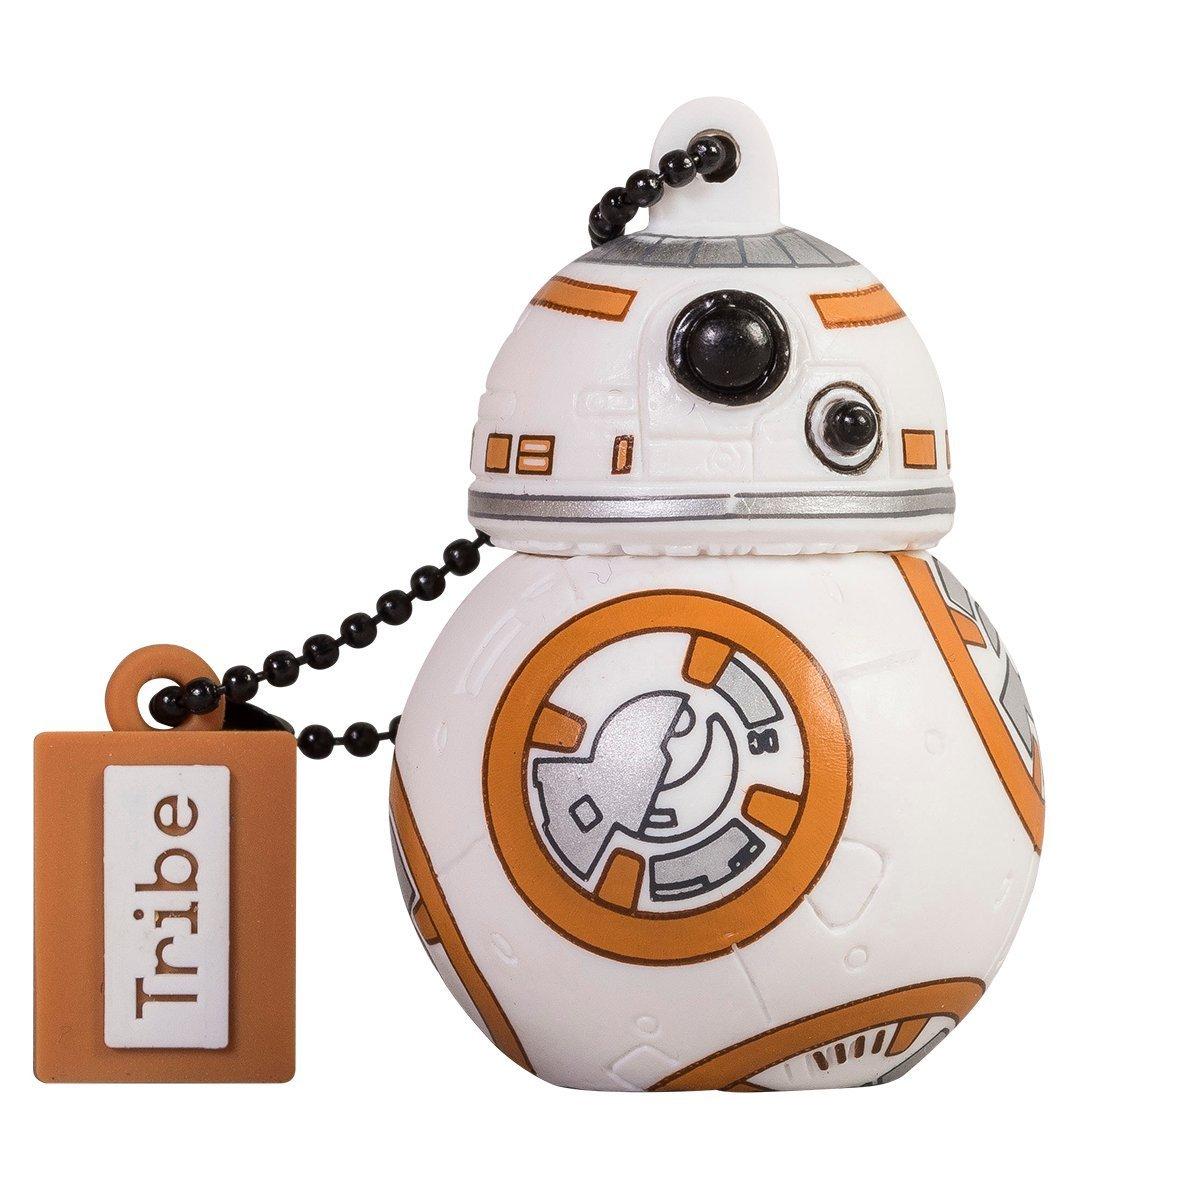 USB flash disk 16GB - Tribe, Star Wars BB-8